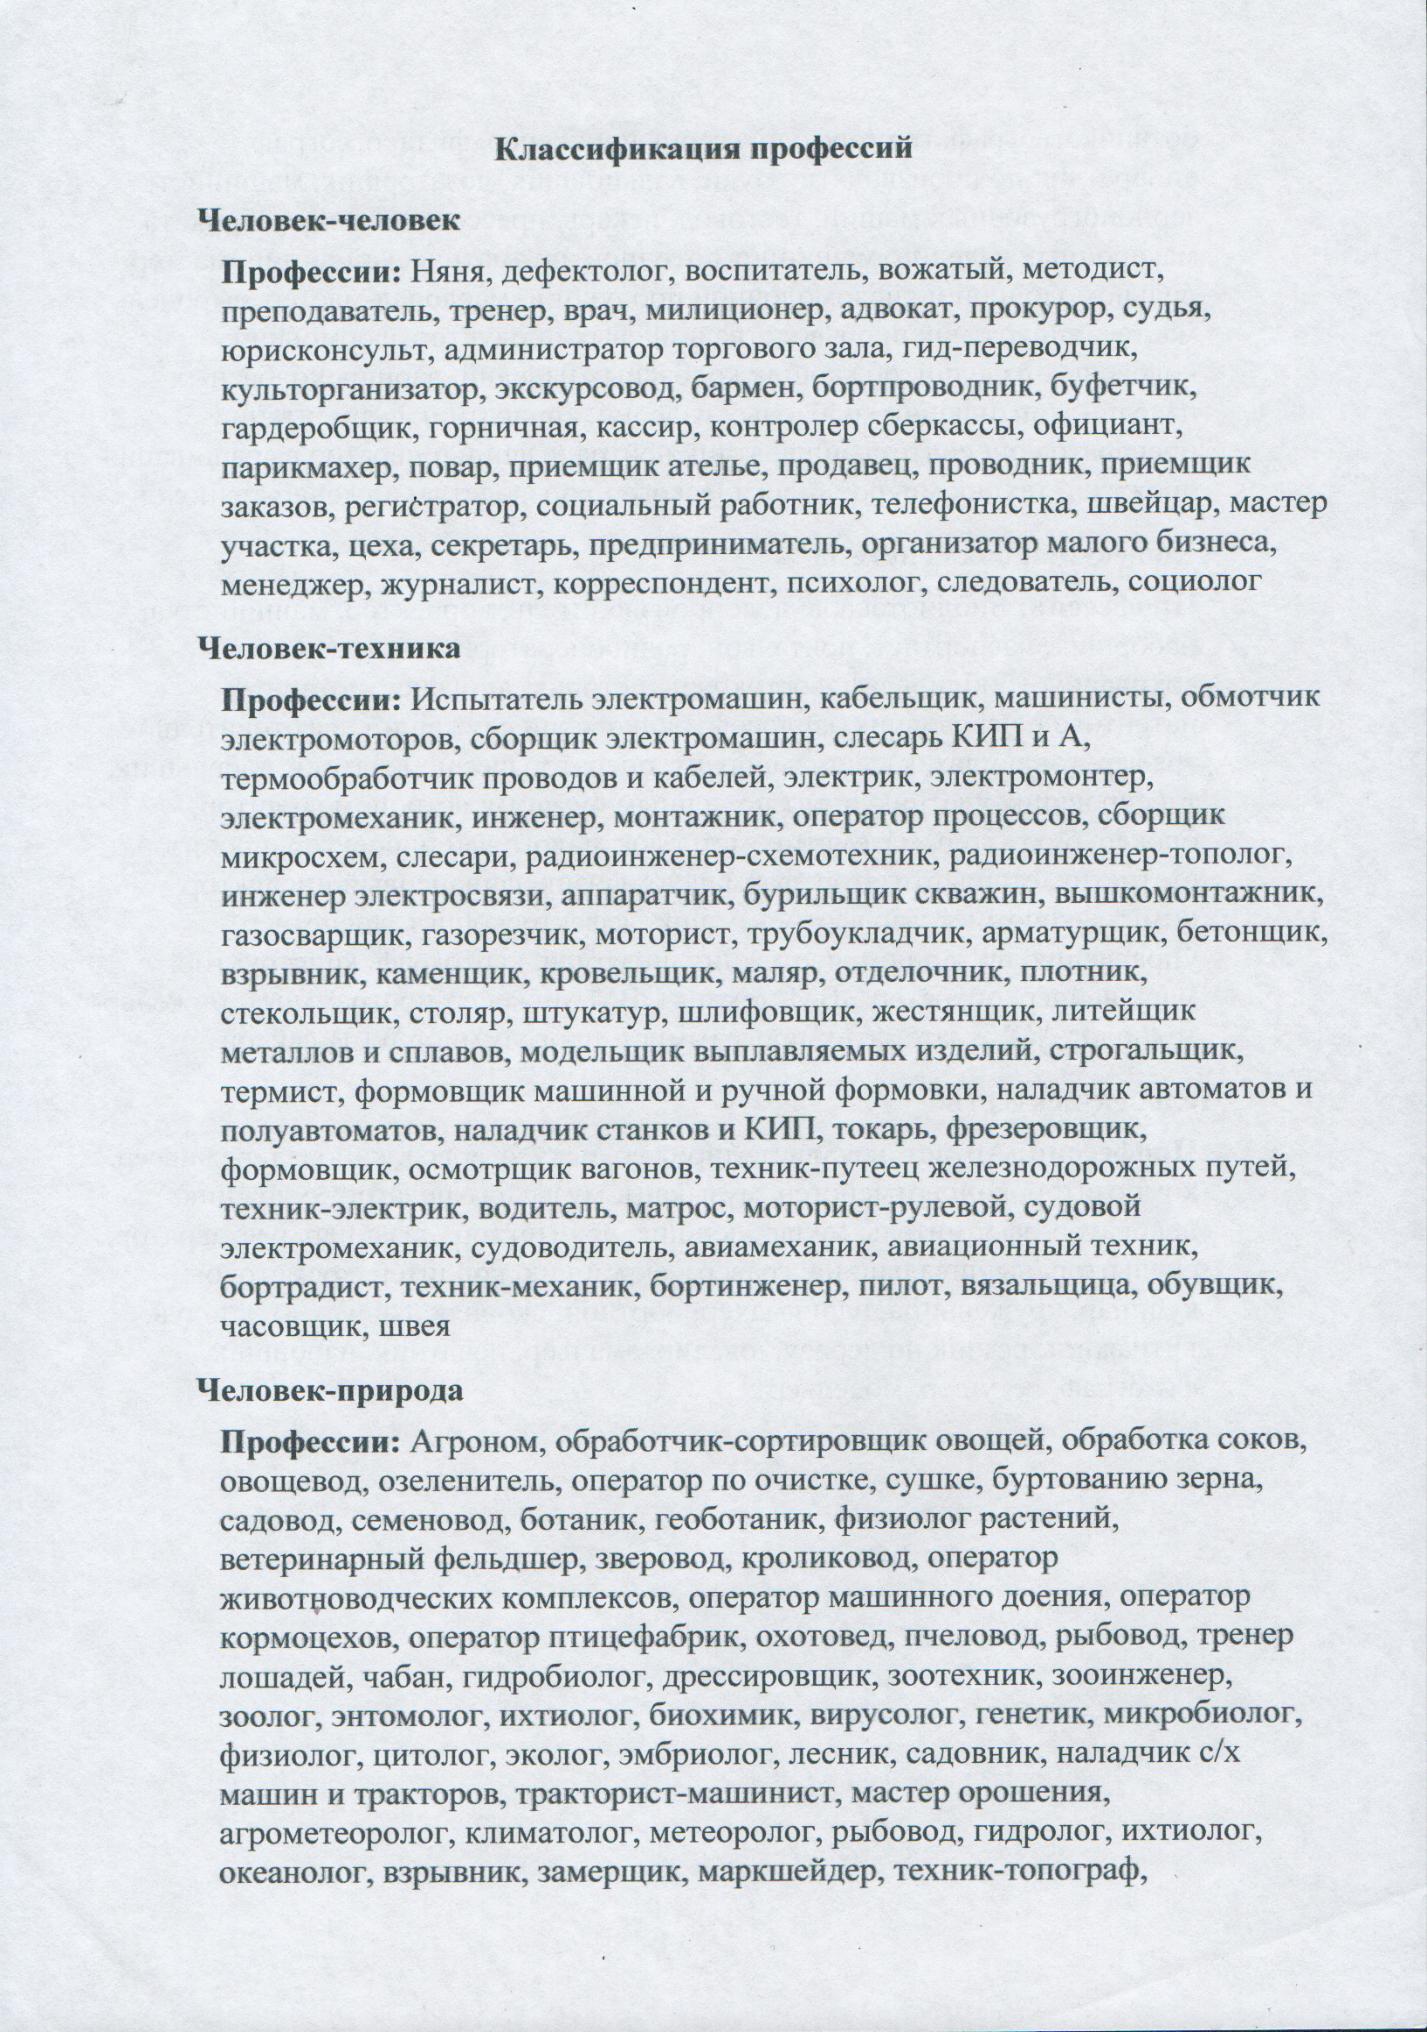 C:\Users\Ирина\Documents\HWScan00220.bmp